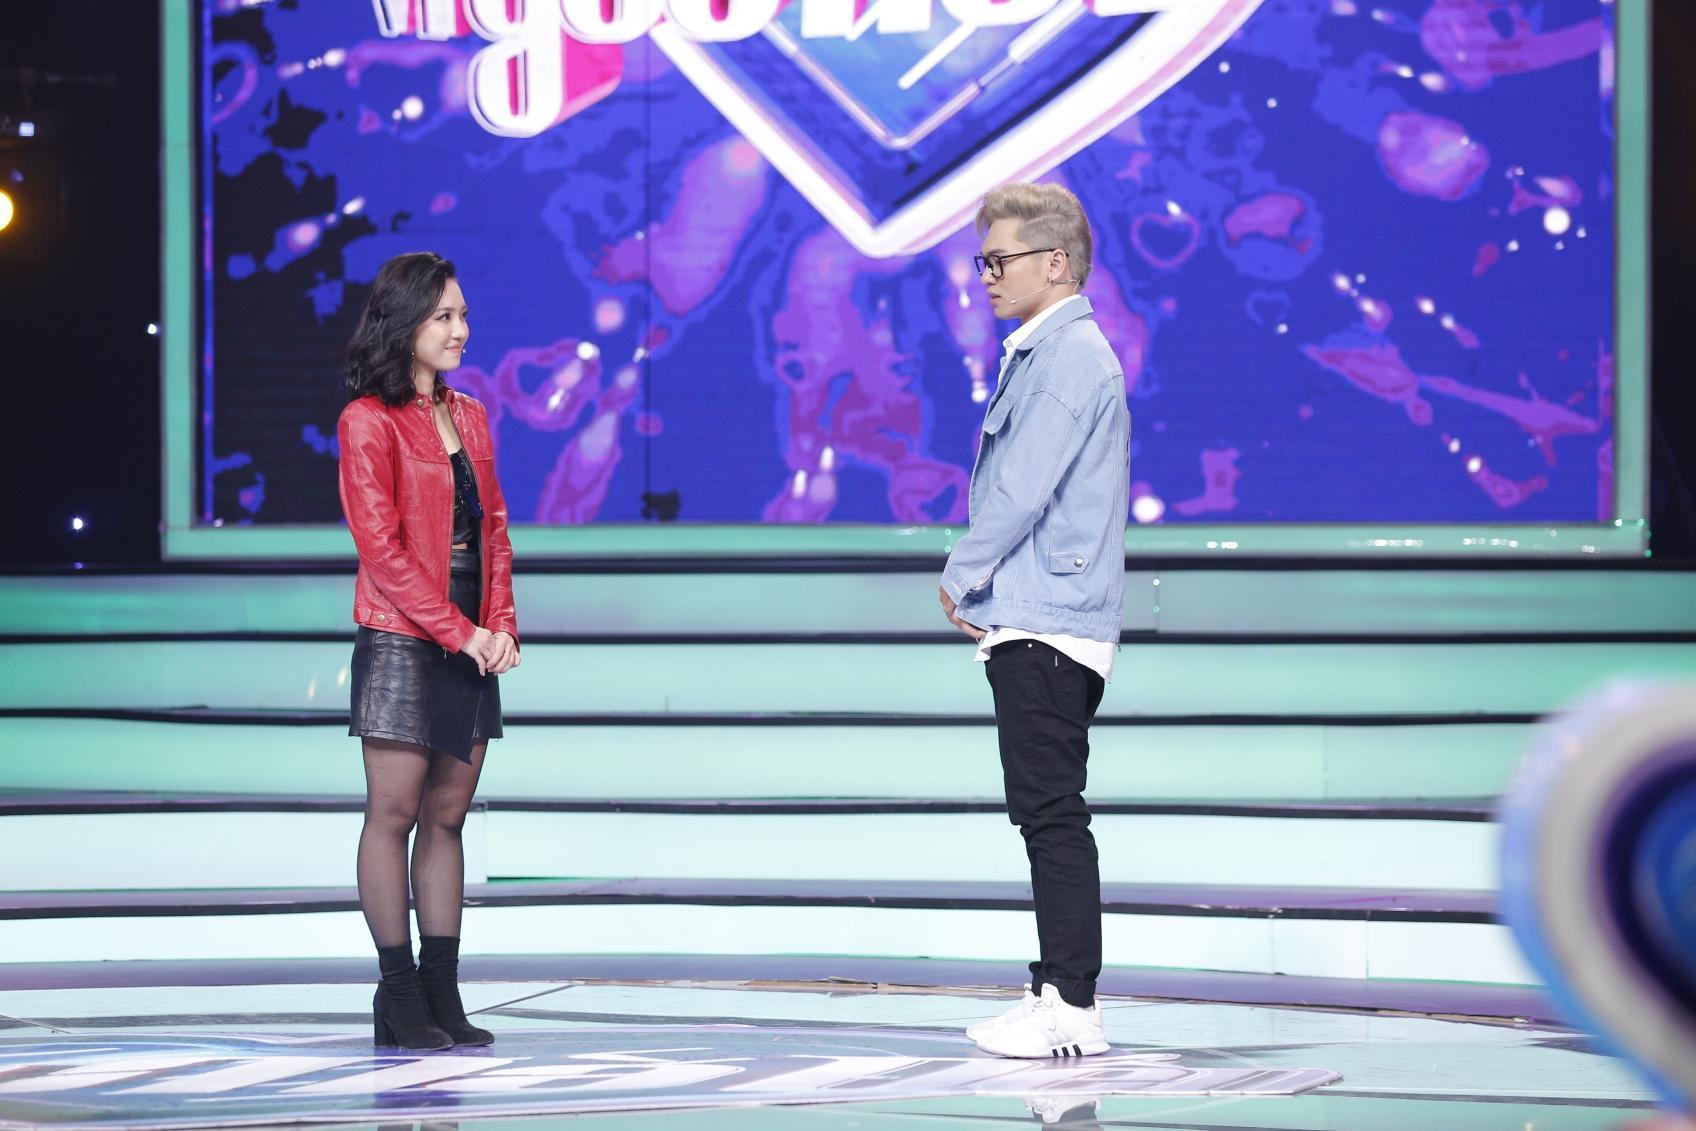 Vì yêu mà đến tập 25: Bảo Kun ra về cùng cô gái 22 tuổi